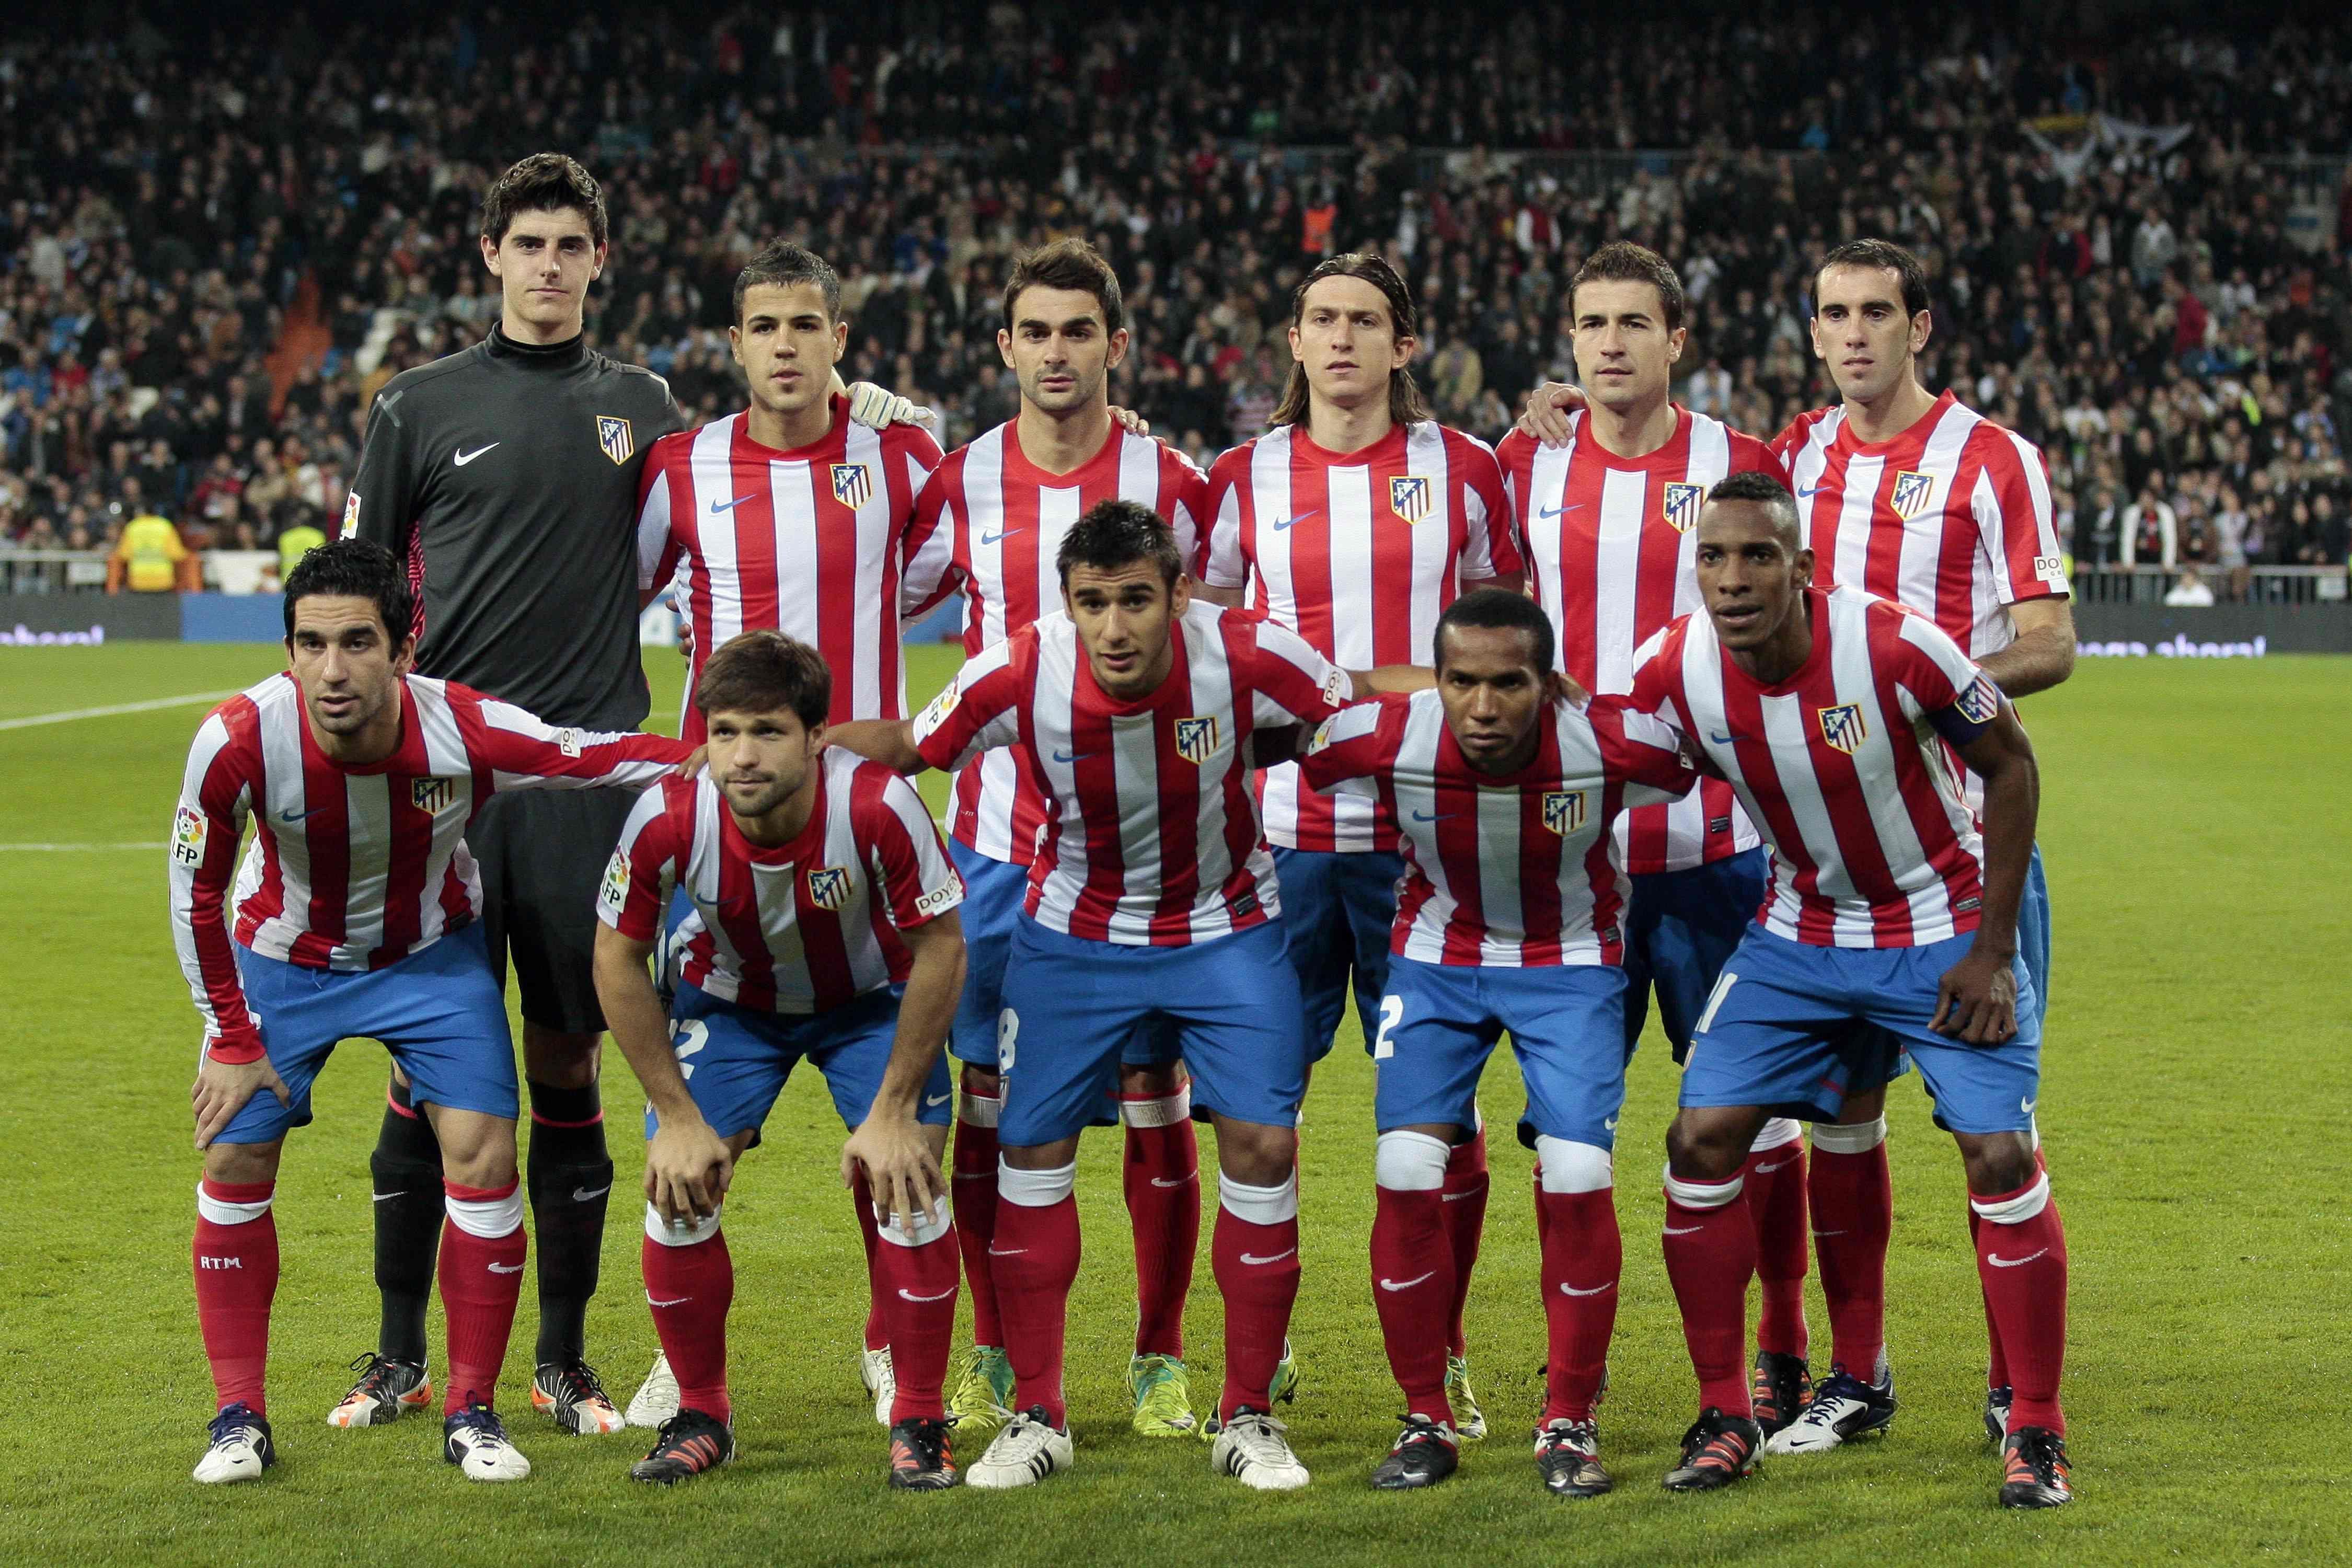 2011/12 At.Madrid Joueur de football, Atlético madrid